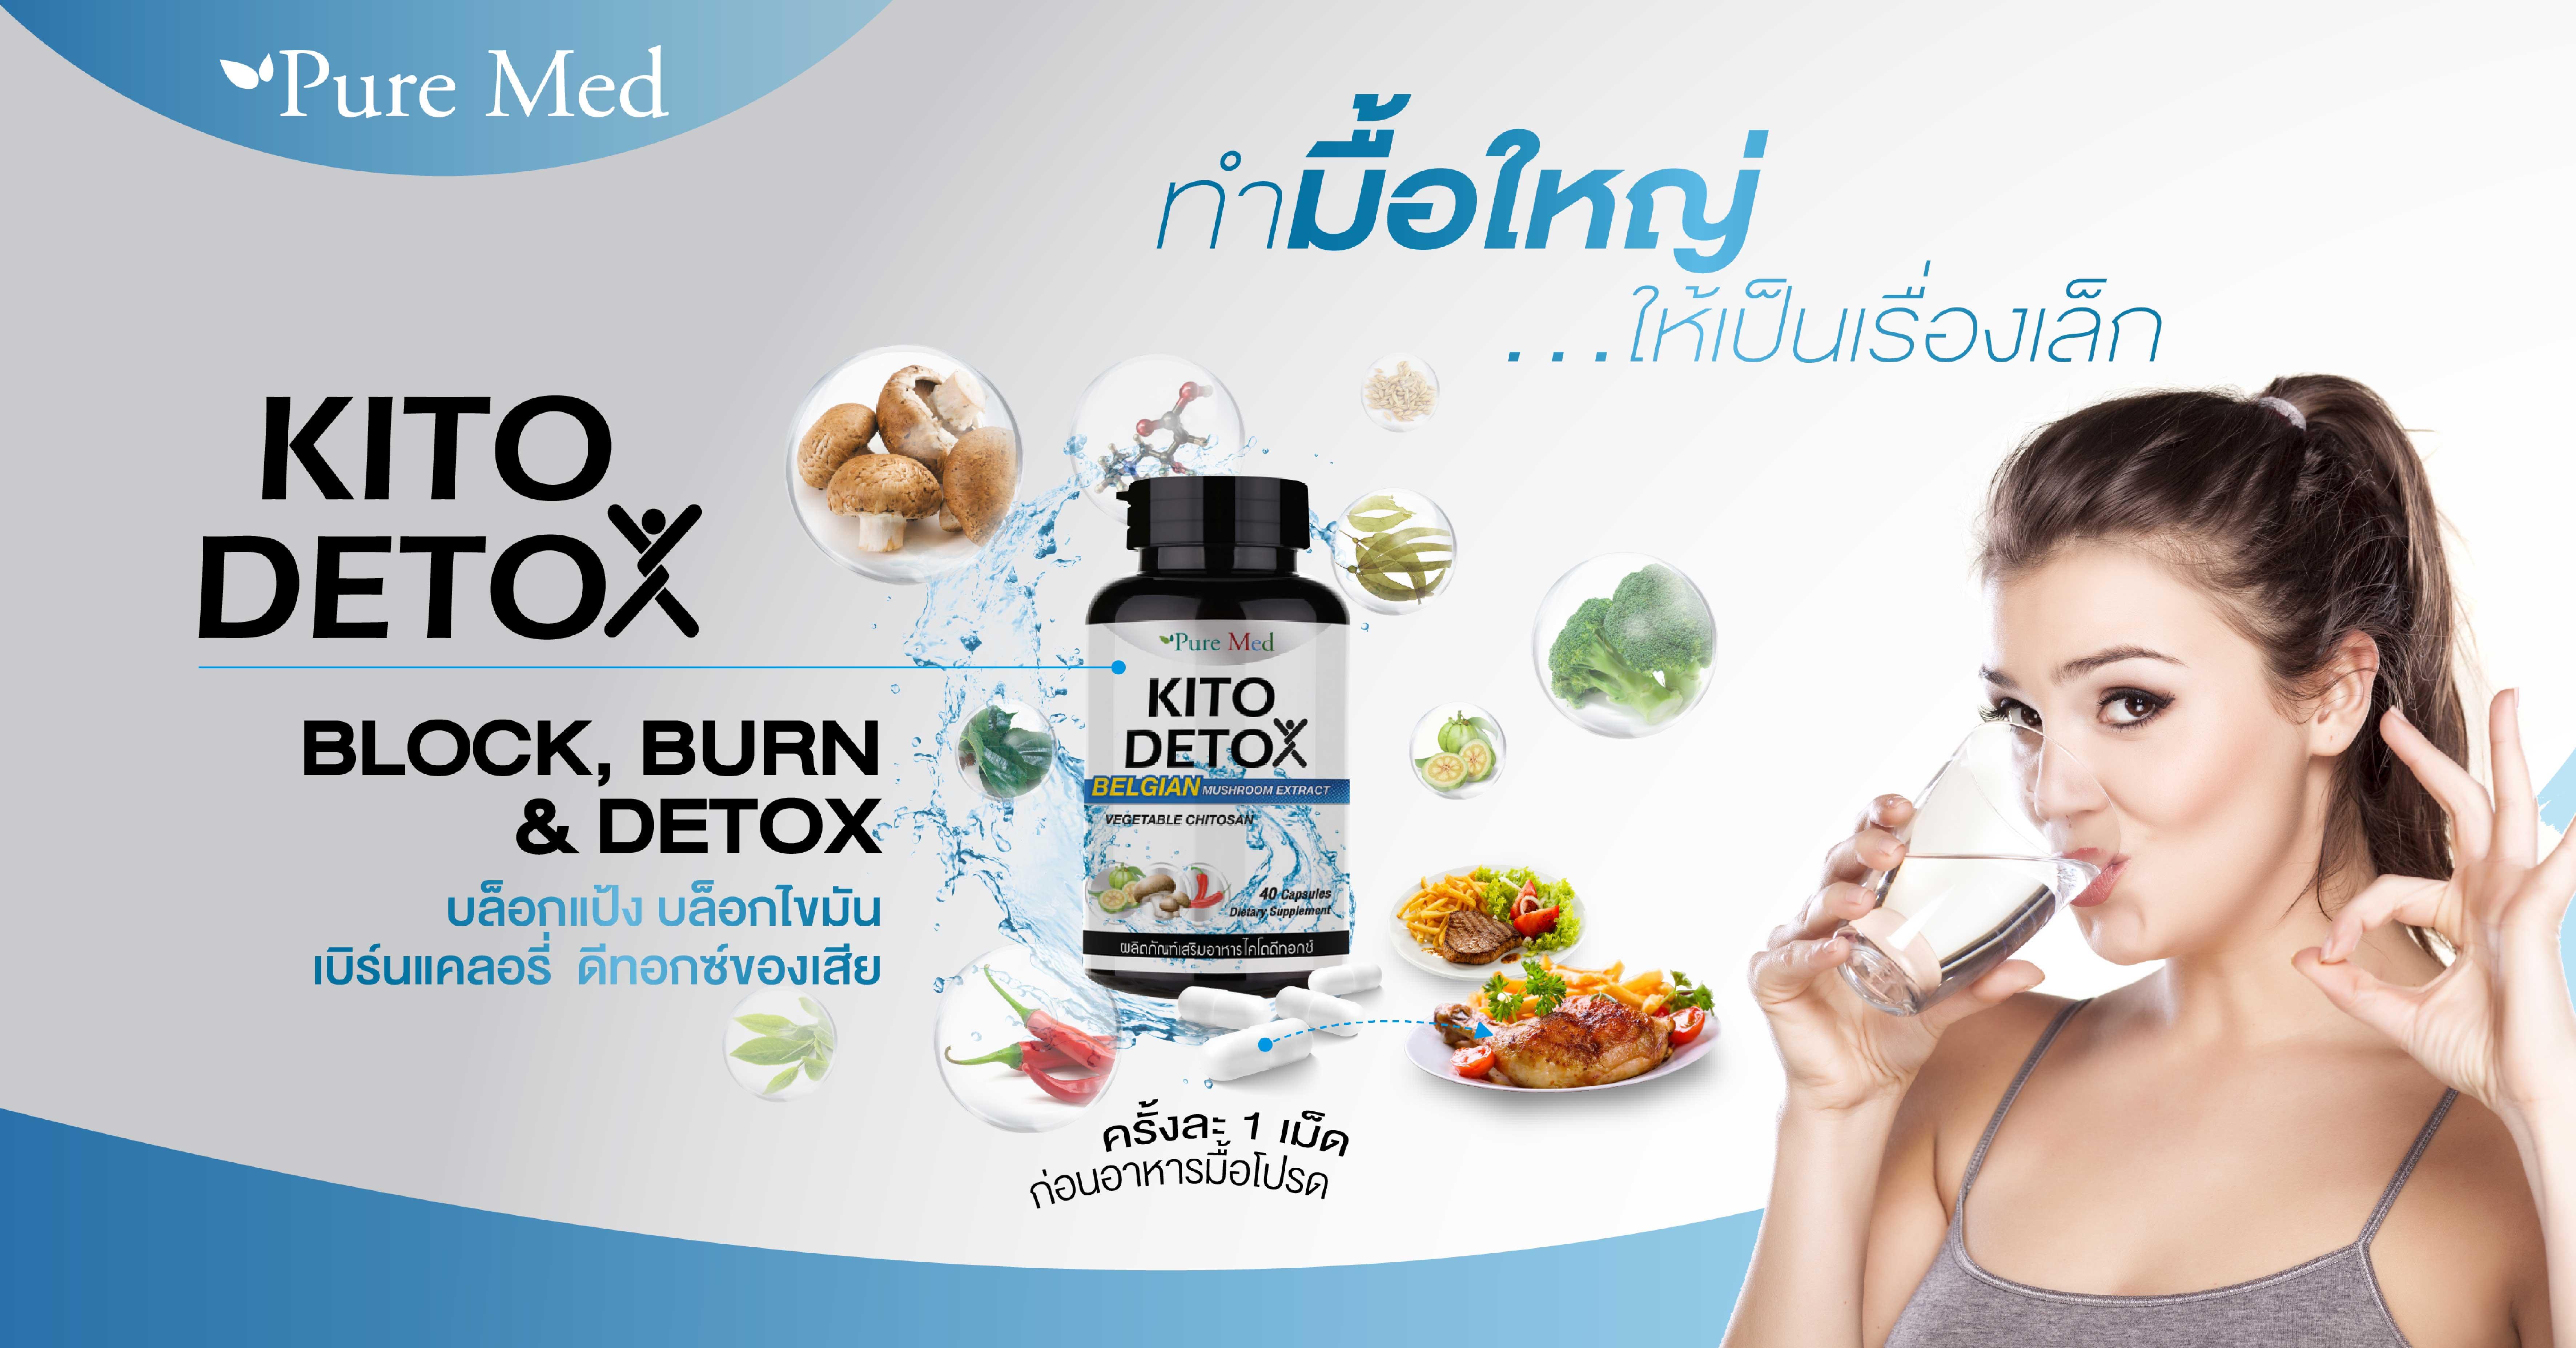 อาหารเสริมลดน้ำหนัก ดีท็อกซ์ ดักจับไขมัน By Kito Detox